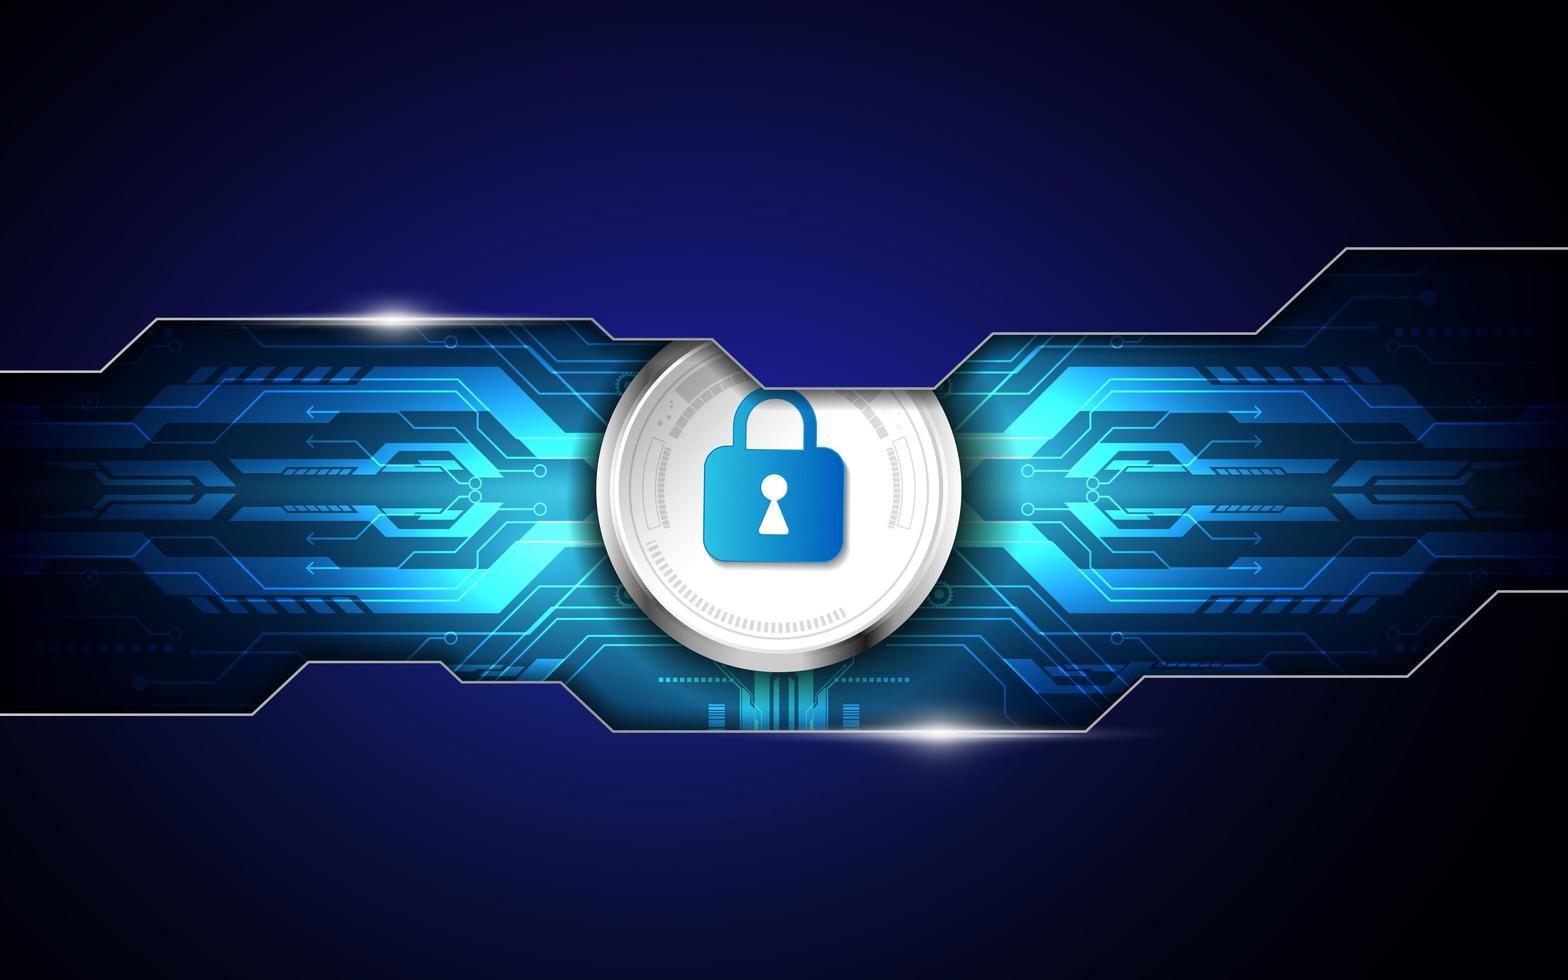 fond de technologie numérique de sécurité abstraite vecteur